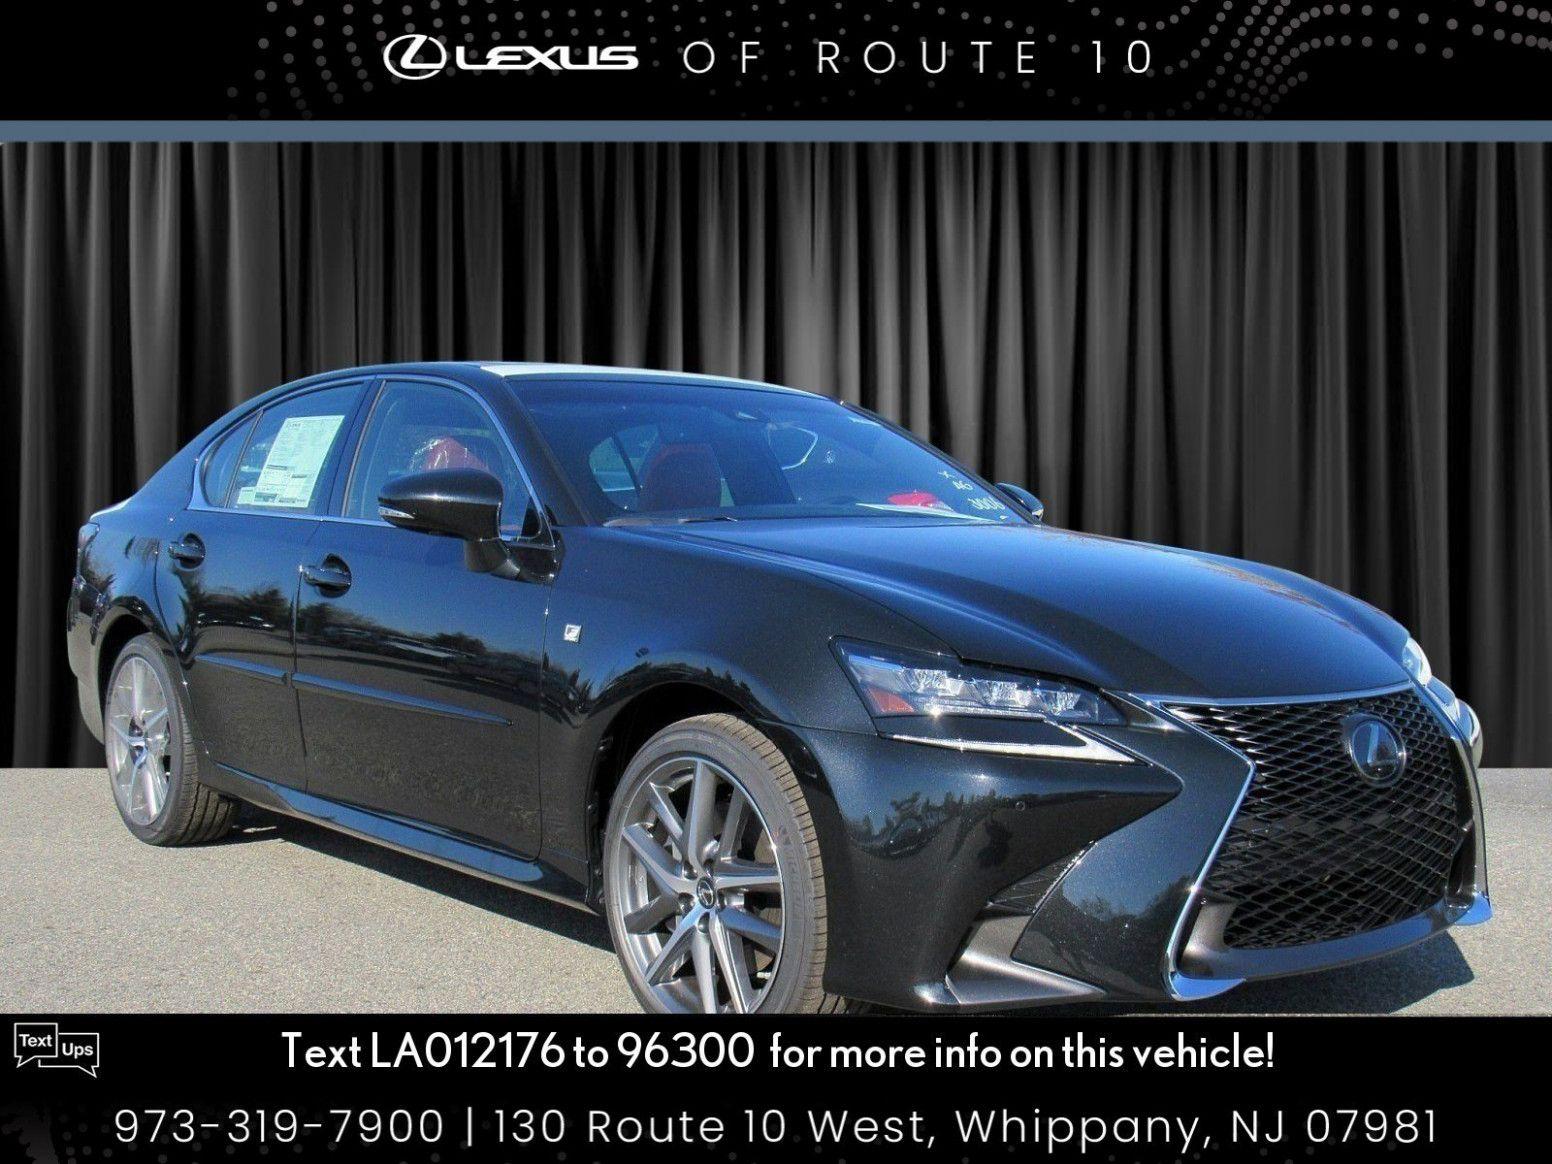 2020 Lexus Gs 350 Lexus Car Lexus Sedan